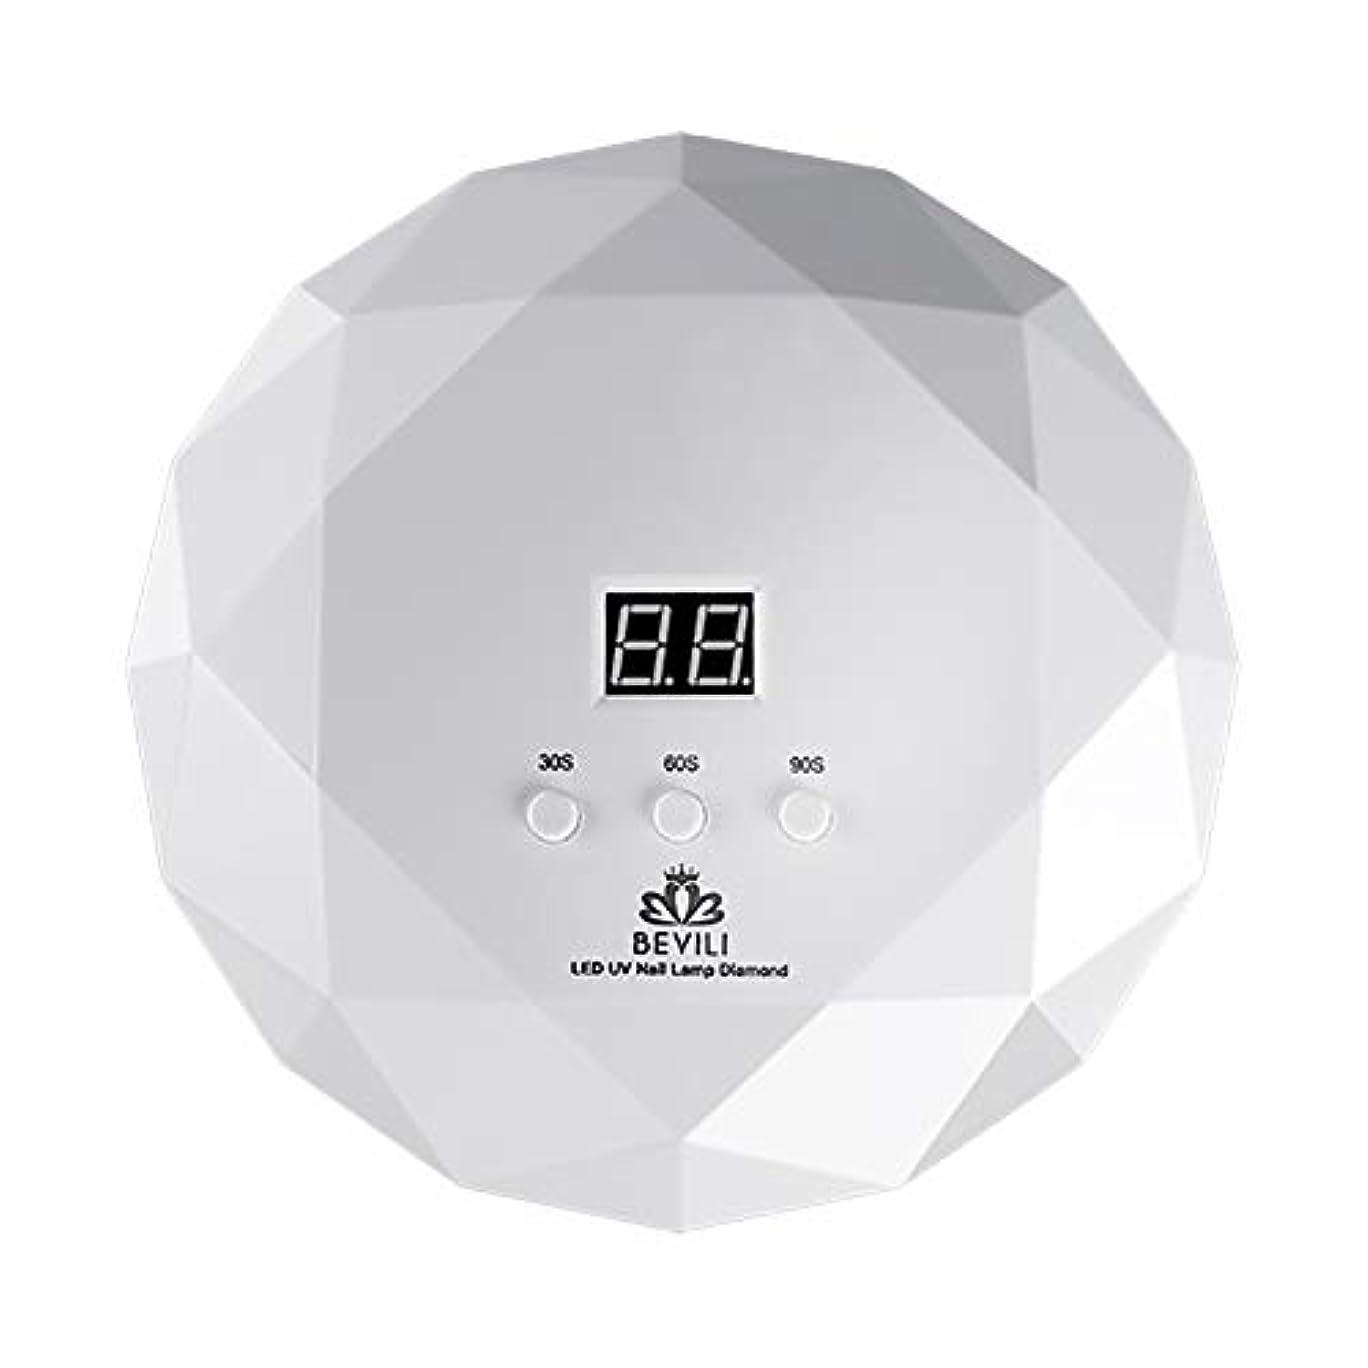 そう有望知るLITI LEDネイルドライヤー UVネイルライト 36Wハイパワー 自動センサー 3段階タイマー設定 高速硬化ジェルネイルライト UVとLEDダブルライト肌をケア ジェルネイル用 ホワイト